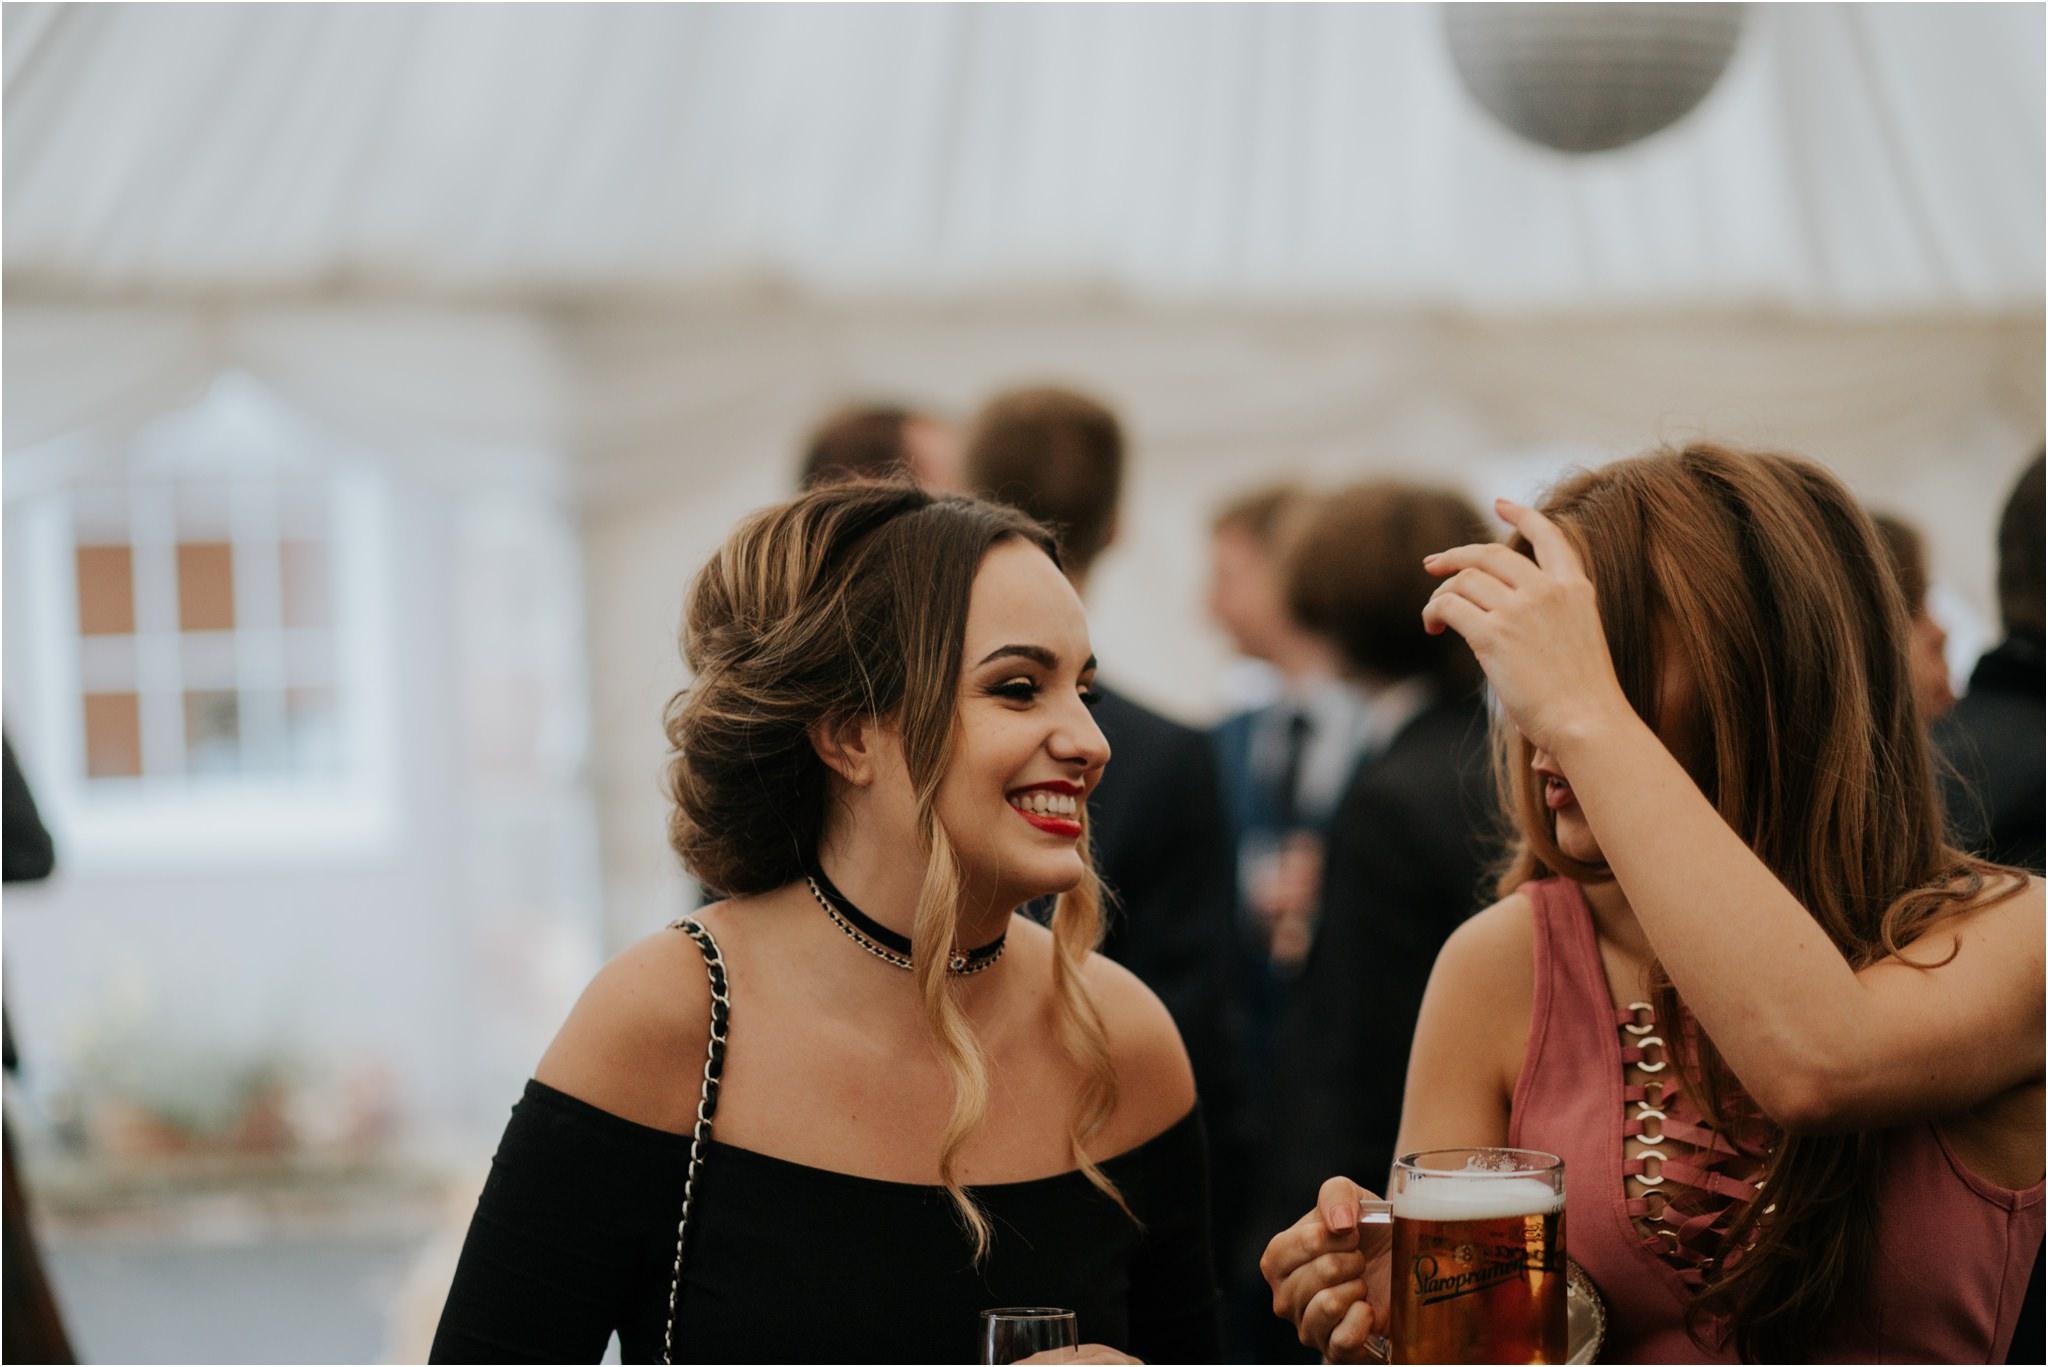 Photography 78 - Glasgow Wedding Photographer - Pete & Eilidh - Dalduff Farm_0069.jpg